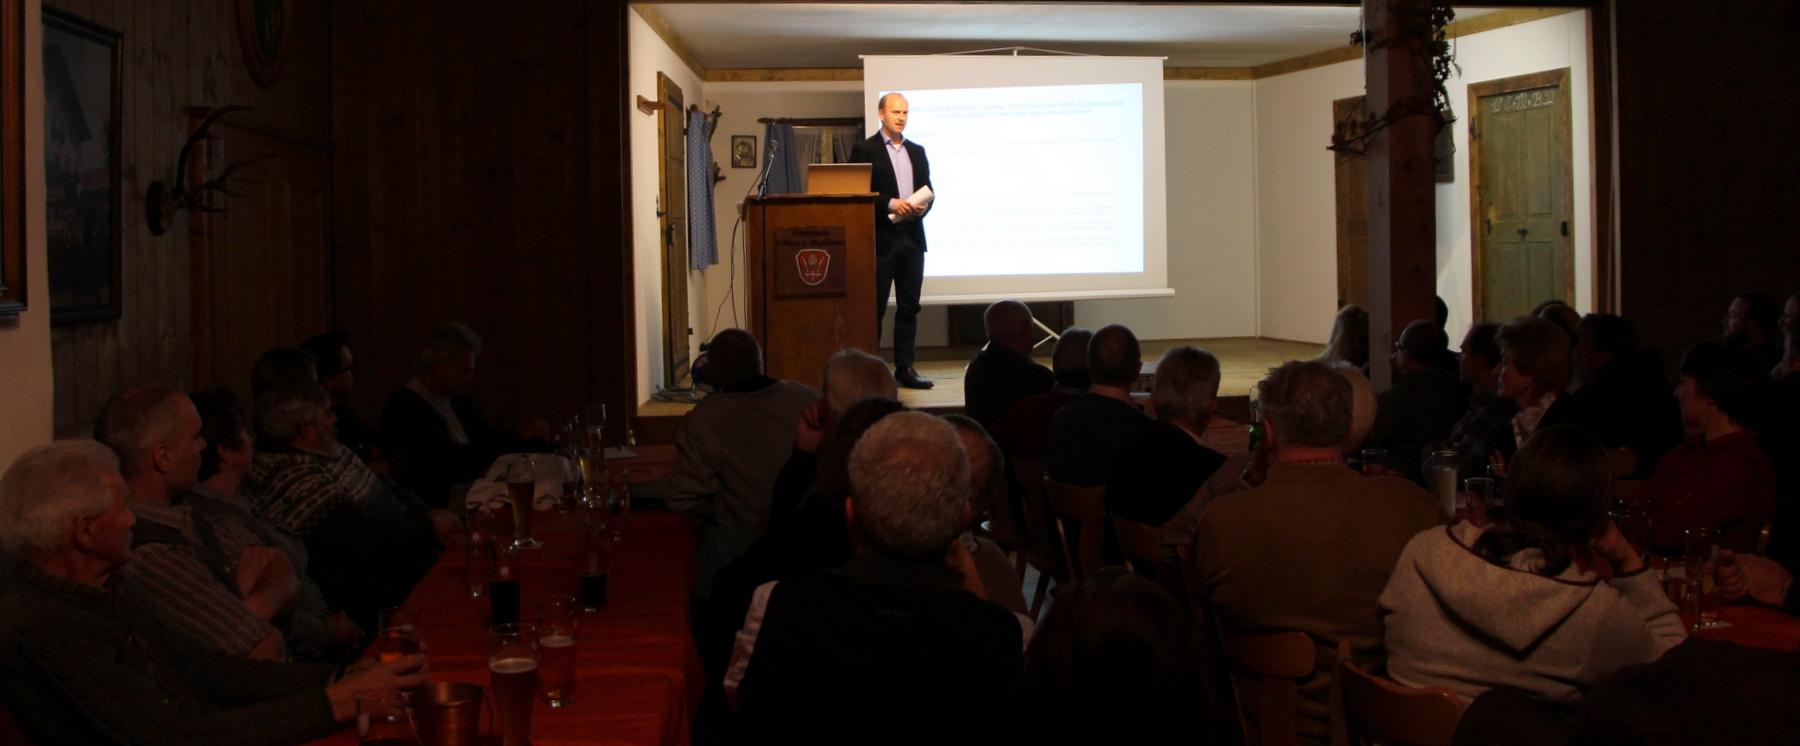 Alexander Sommer (Projektentwickler) präsentiert die Projektidee in Schöffau